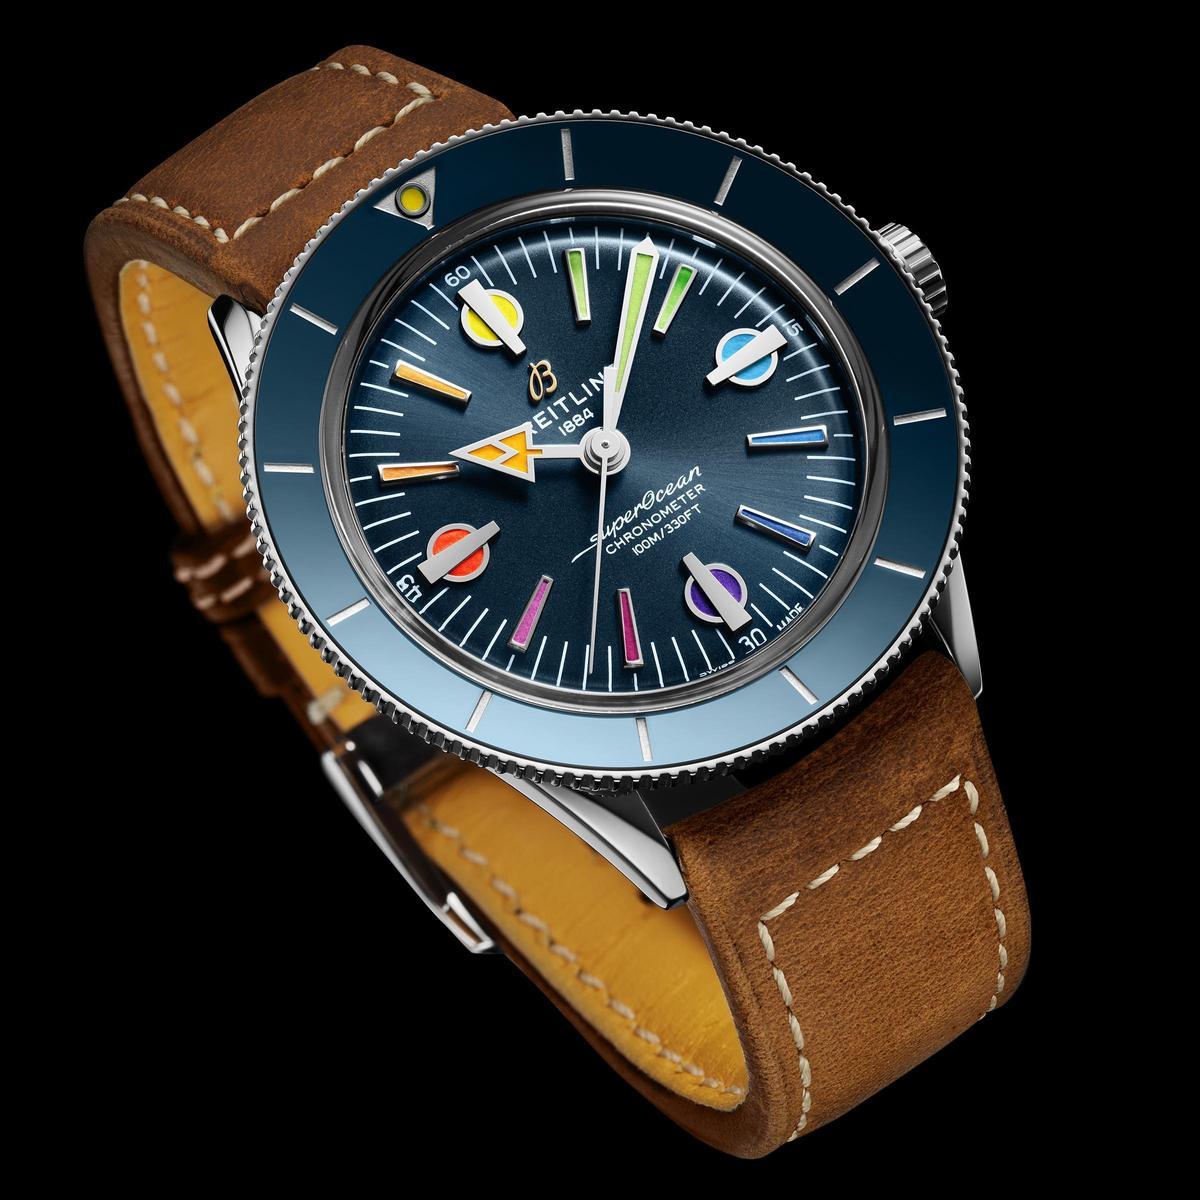 Superocean Heritage 57「彩虹版」第二代,把面盤跟陶瓷材質錶圈換成藍色,看起來更亮眼。